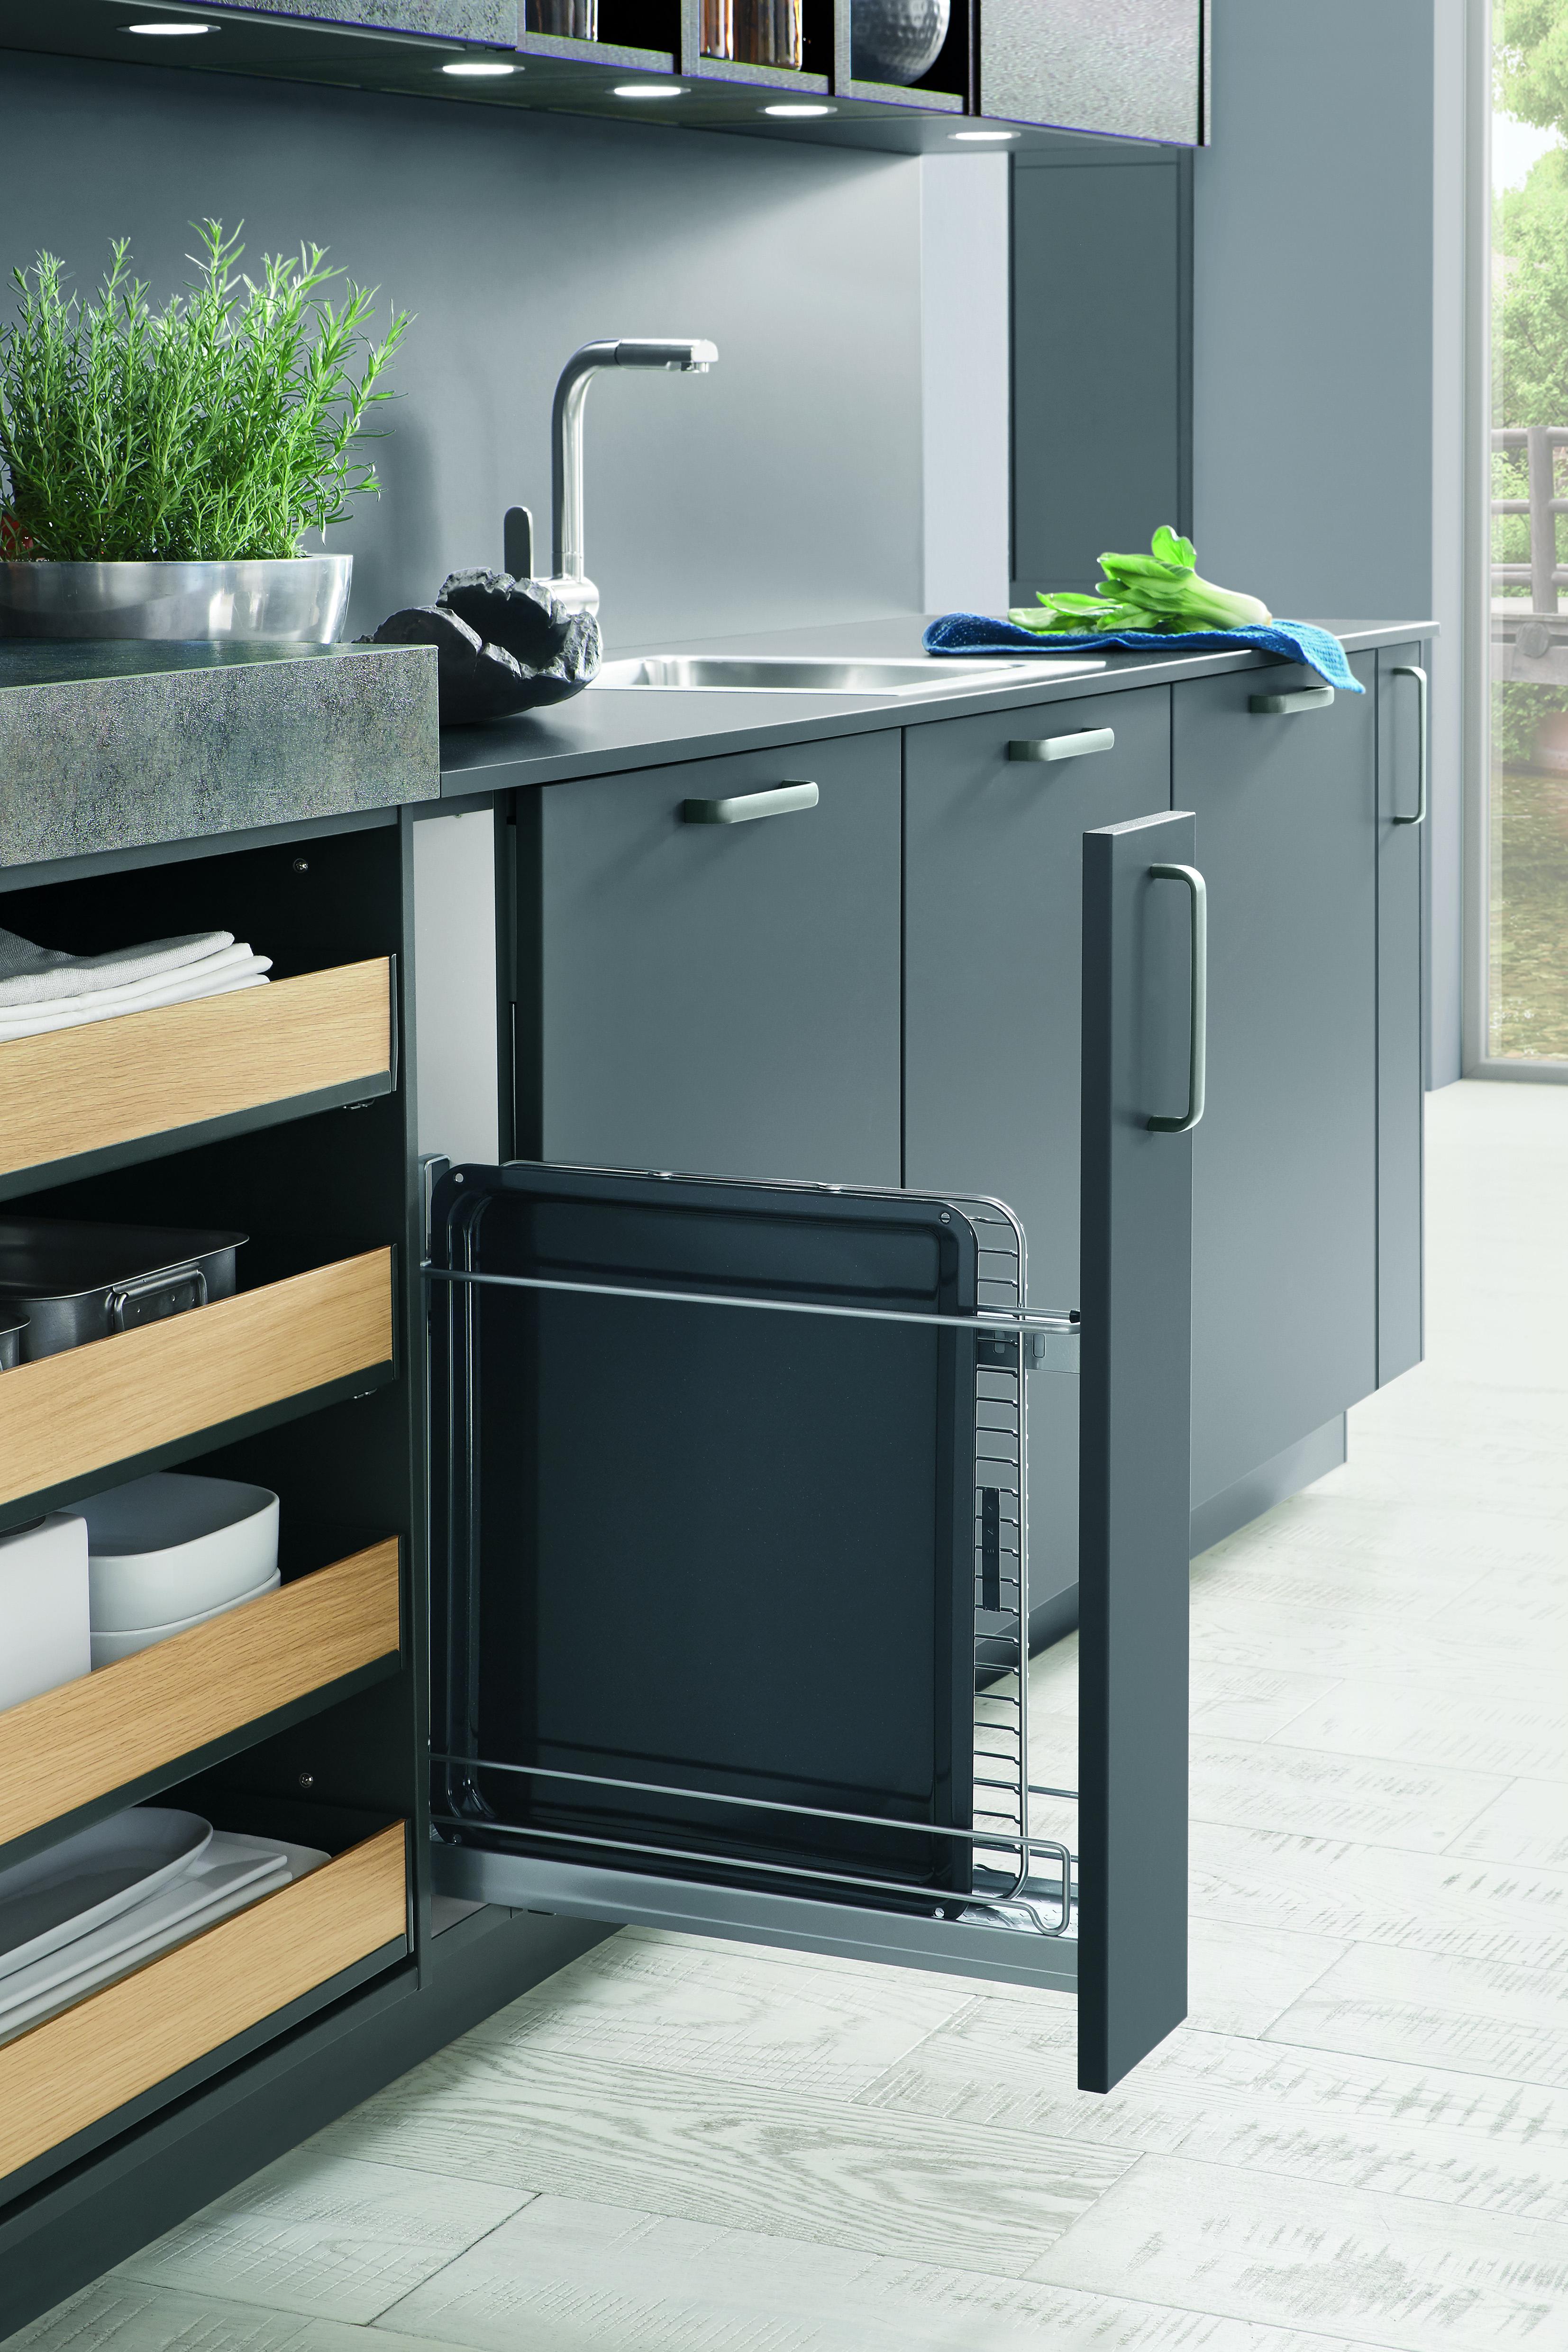 Sehr Küchenschrank: Die richtigen Küchenmöbel finden PL27